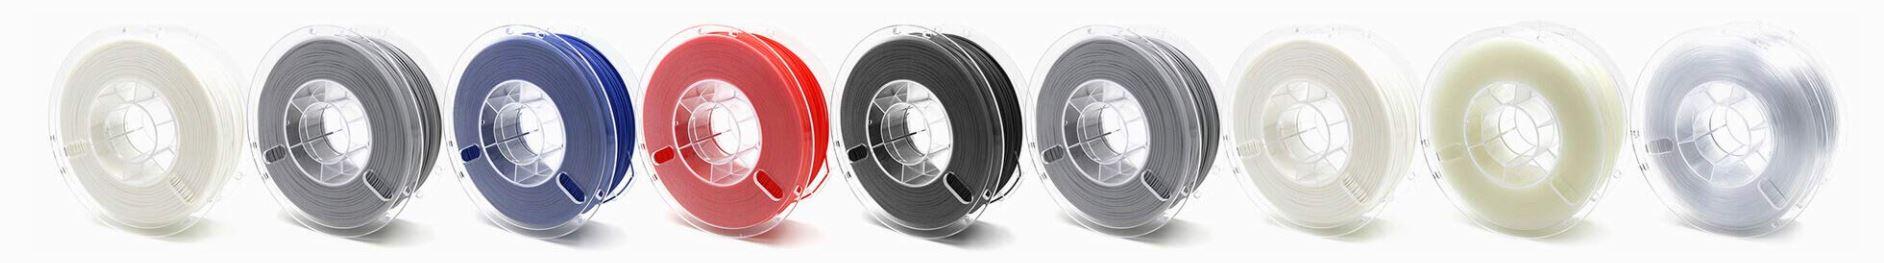 filamenti per stampa 3D img